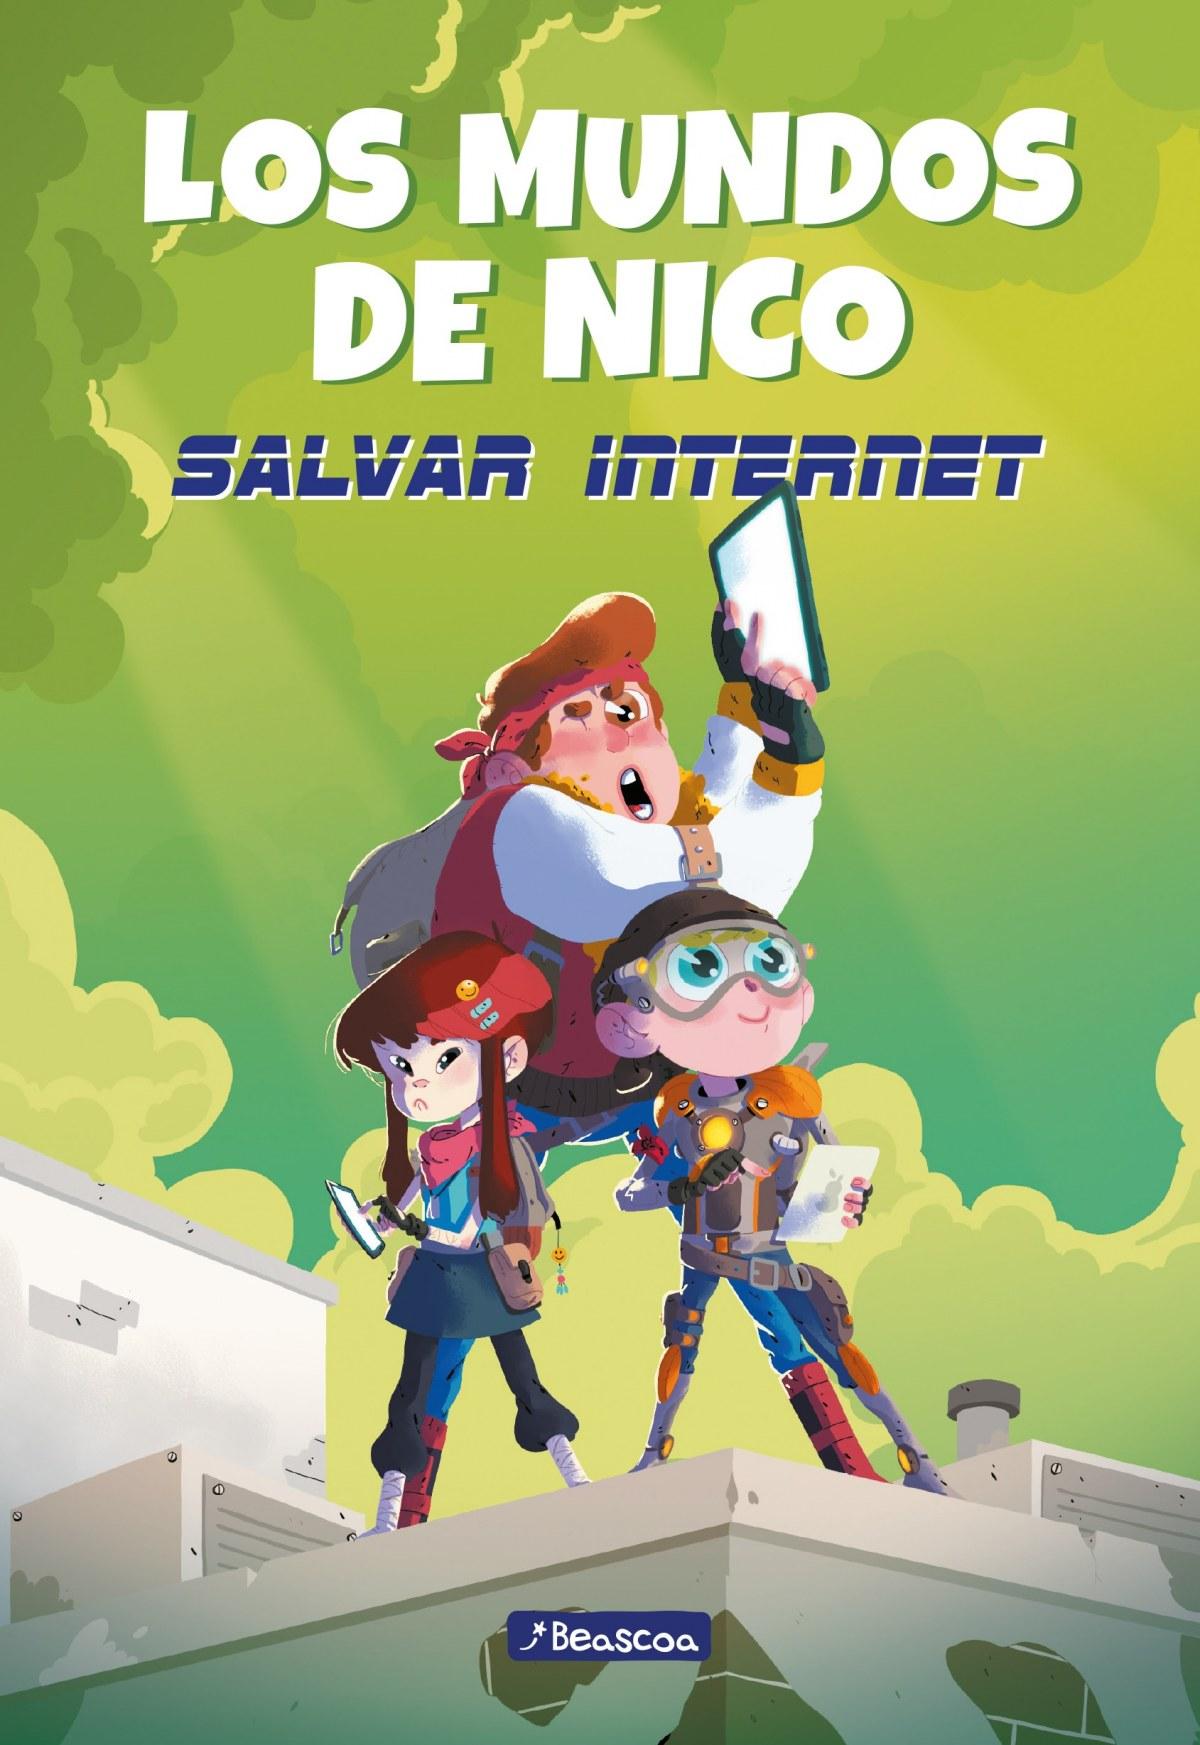 LOS MUNDOS DE NICO 9788448851941